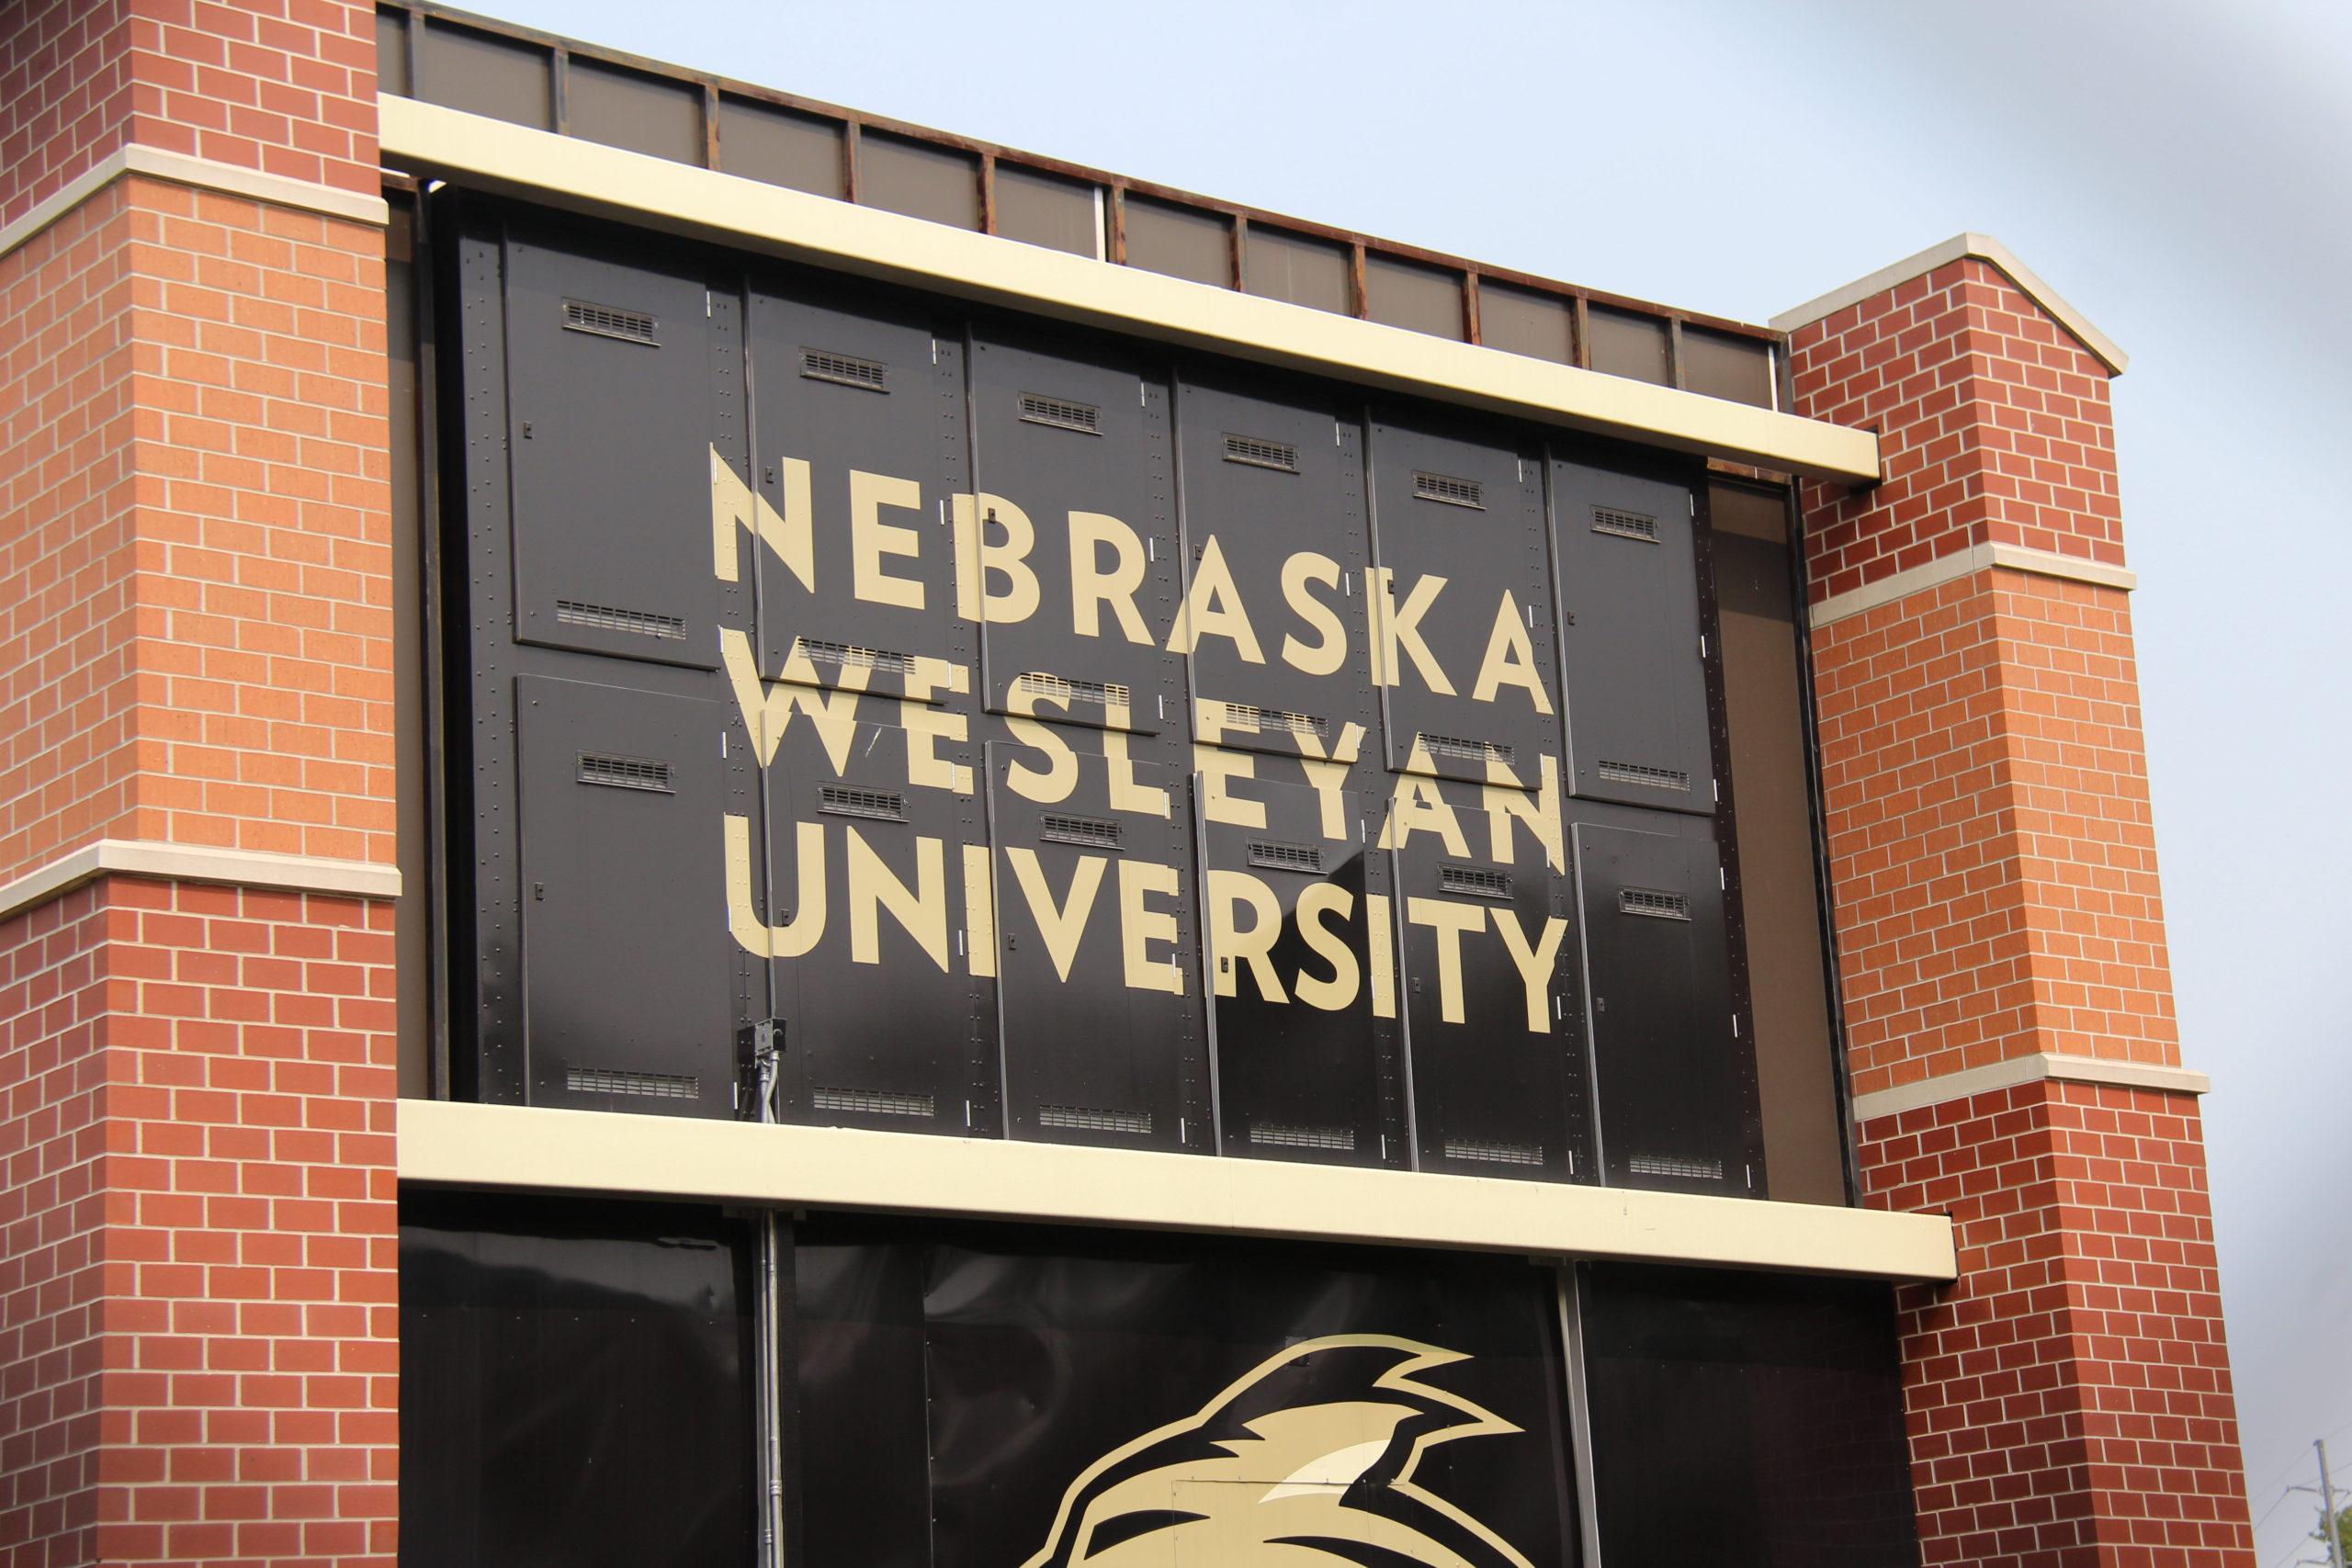 Nebraska Wesleyan University, home to the Prairie Wolves, located in Lincoln, Nebraska on Sept. 17, 2020. Photographer: Peyton Stoike